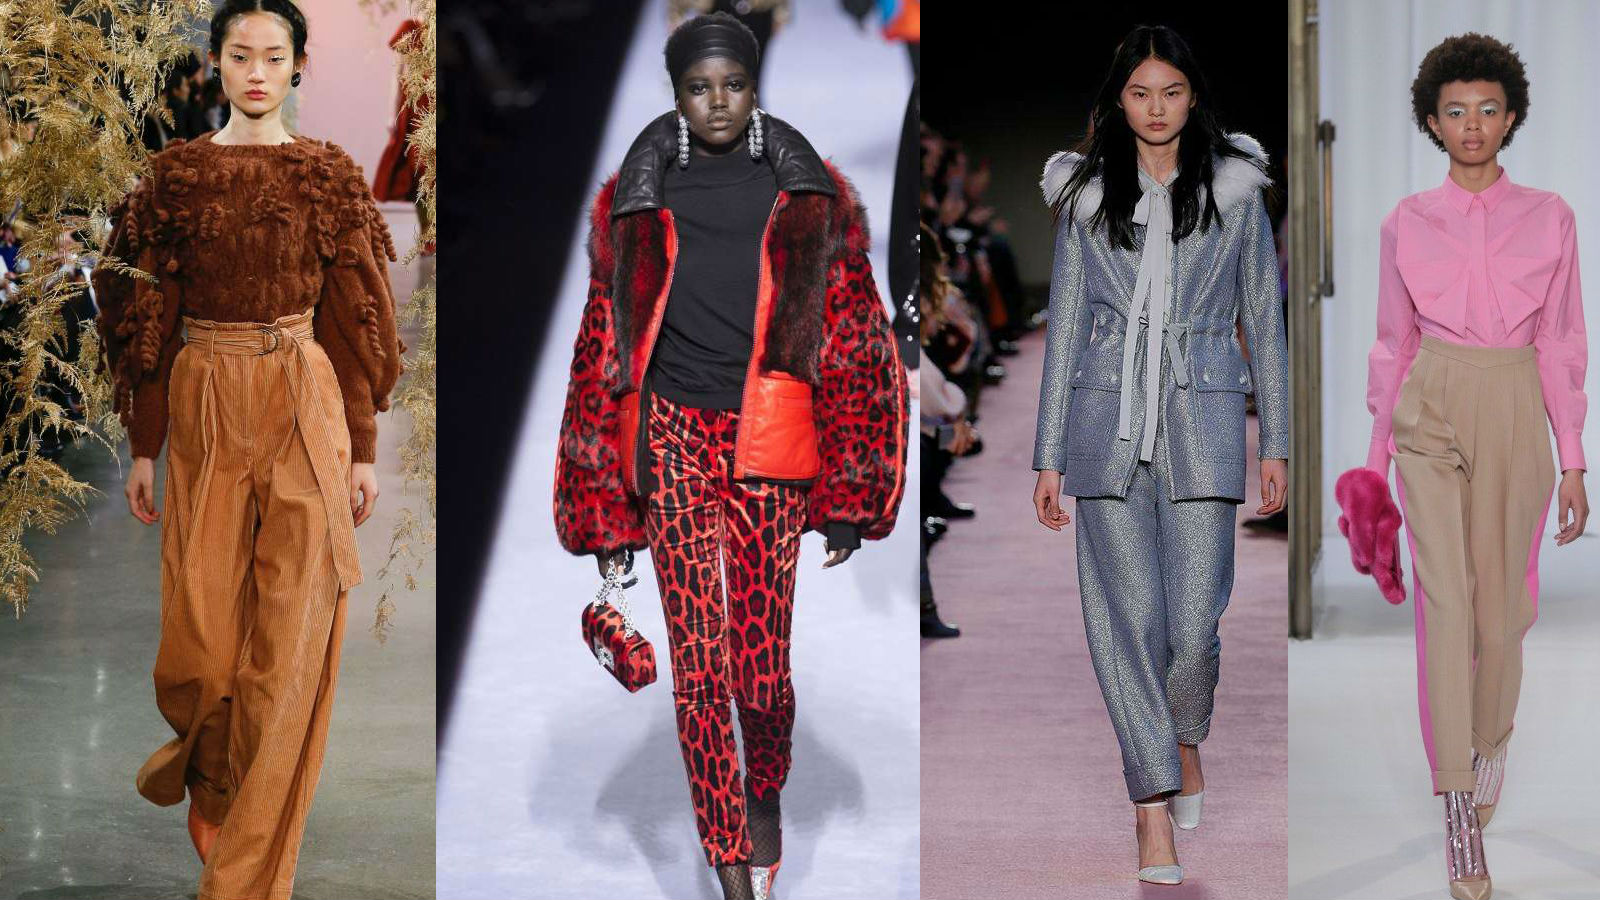 12 capi moda di Zara super tendenza dell'estate 2018. E in